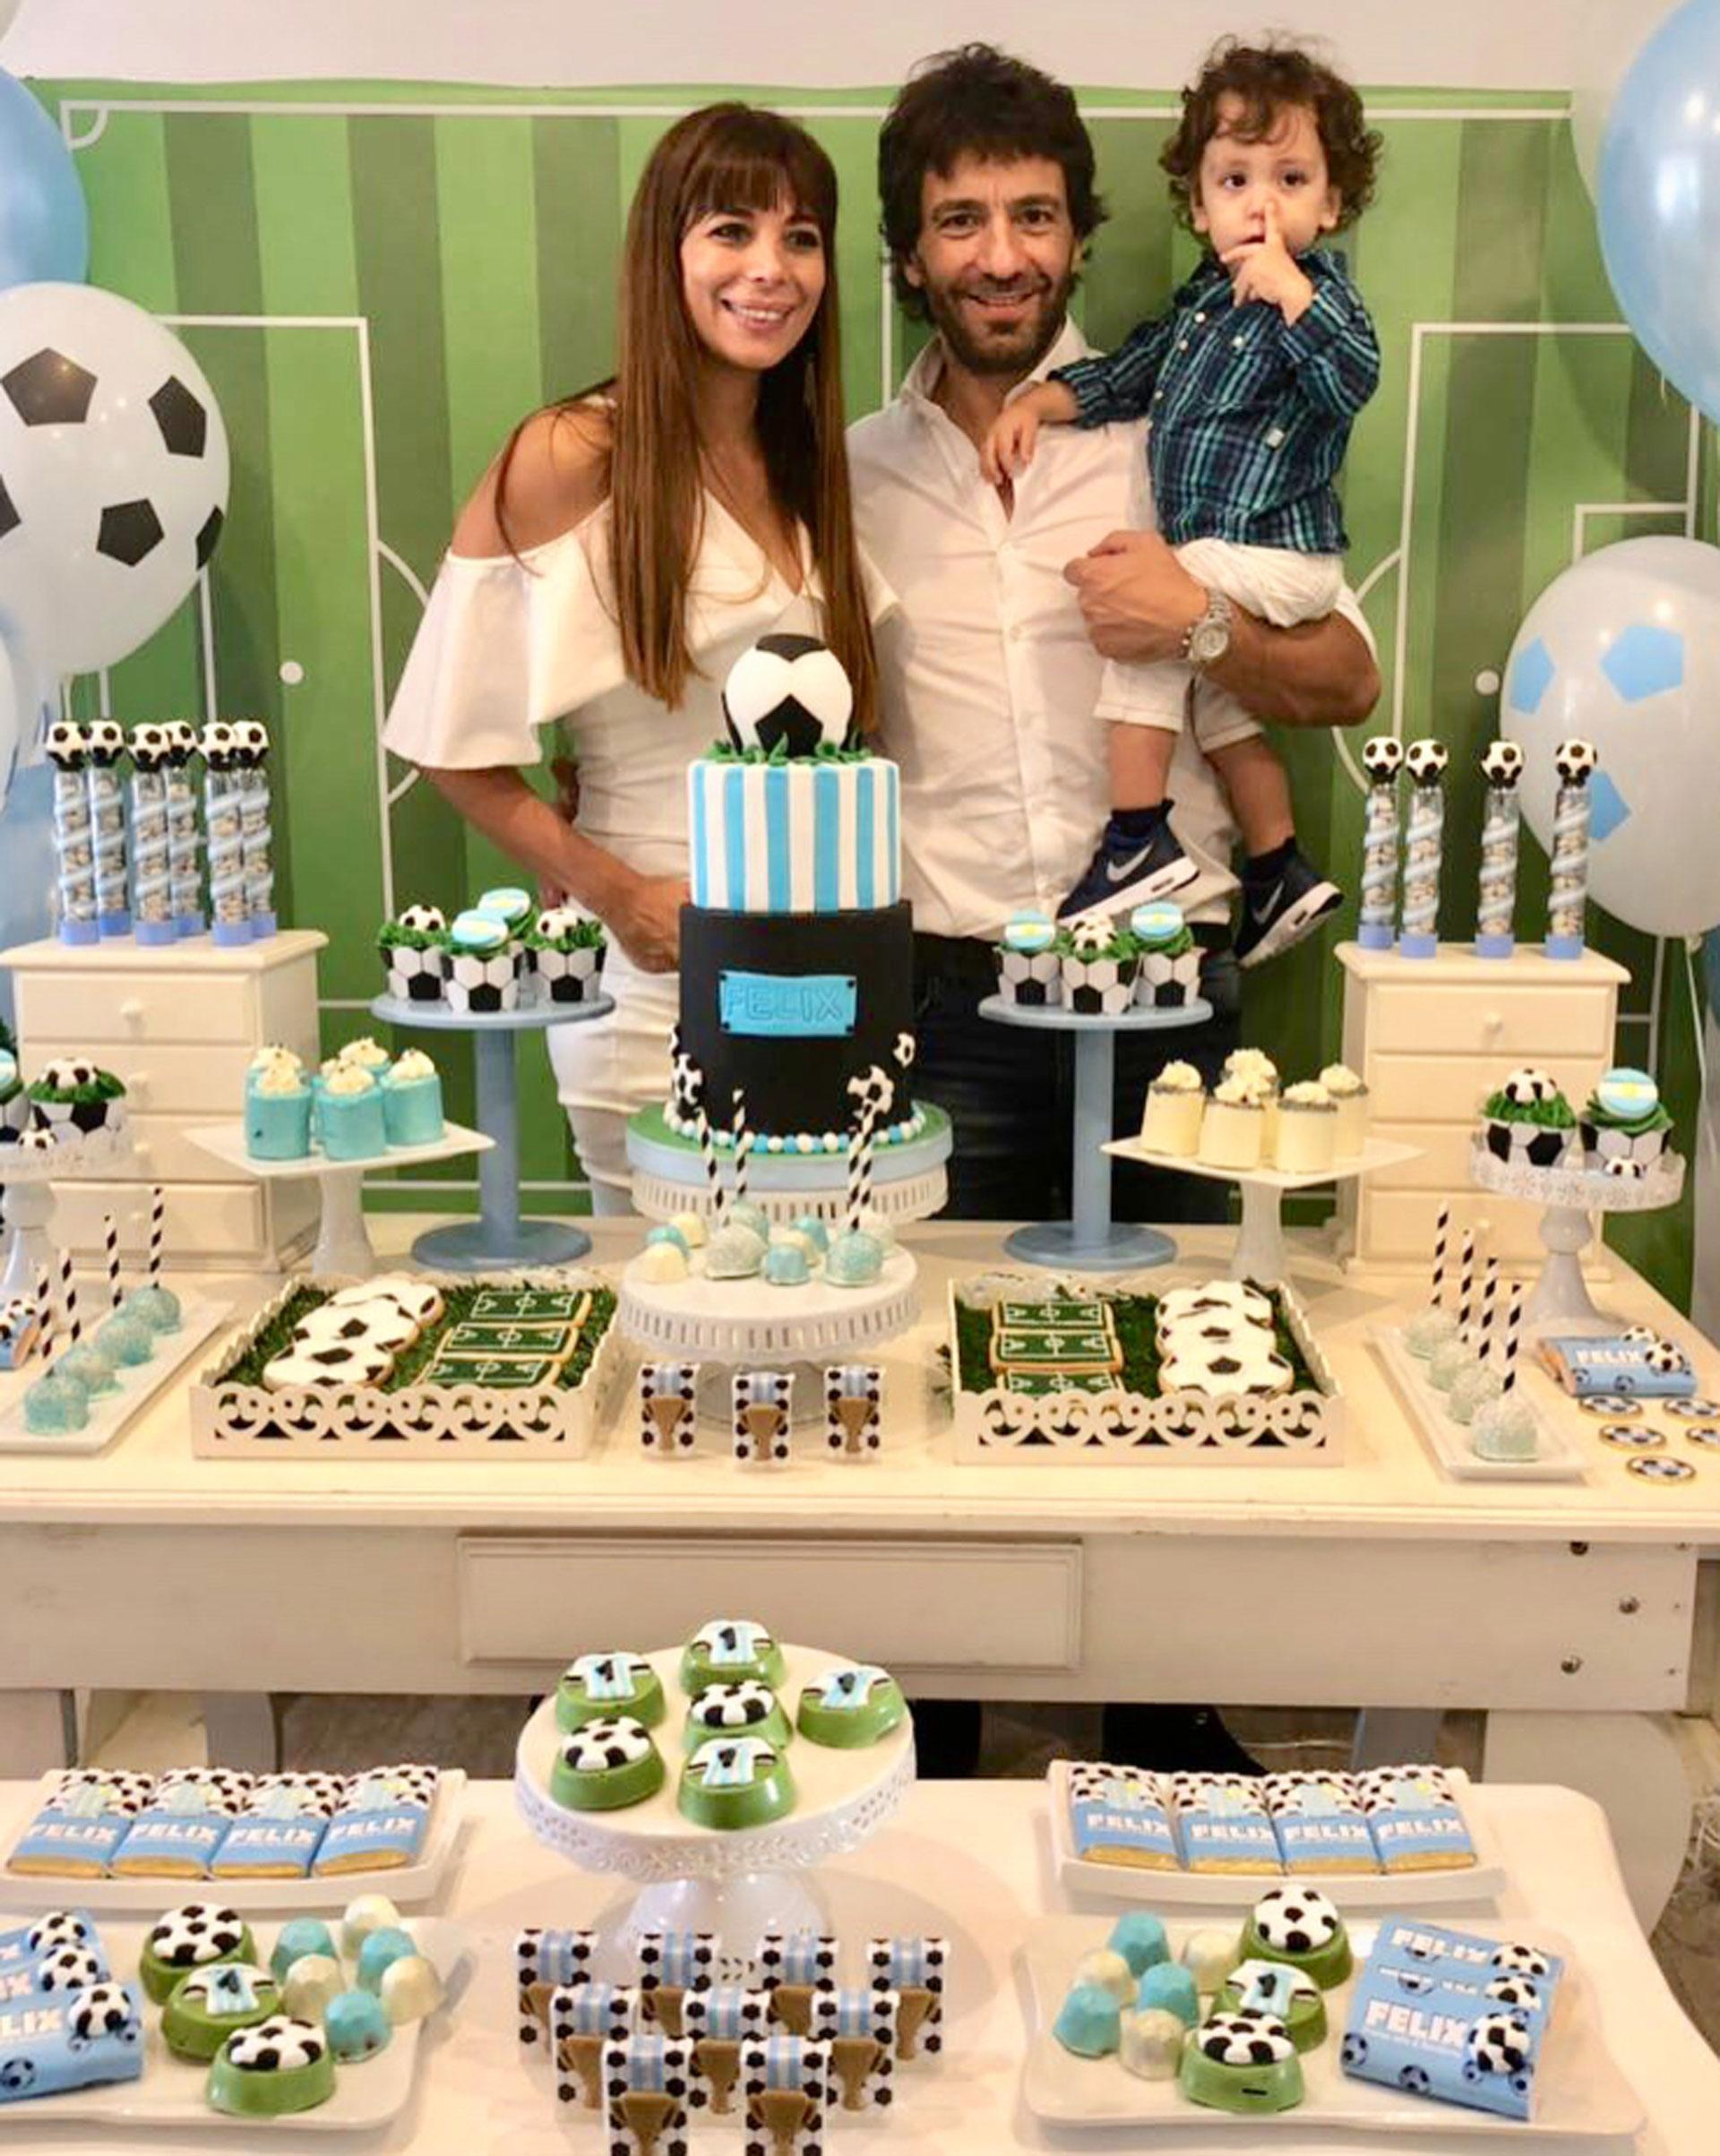 Ximena Capristo y Gustavo Conti junto a Félix, celebrando el bautismo (Foto: Instagram)